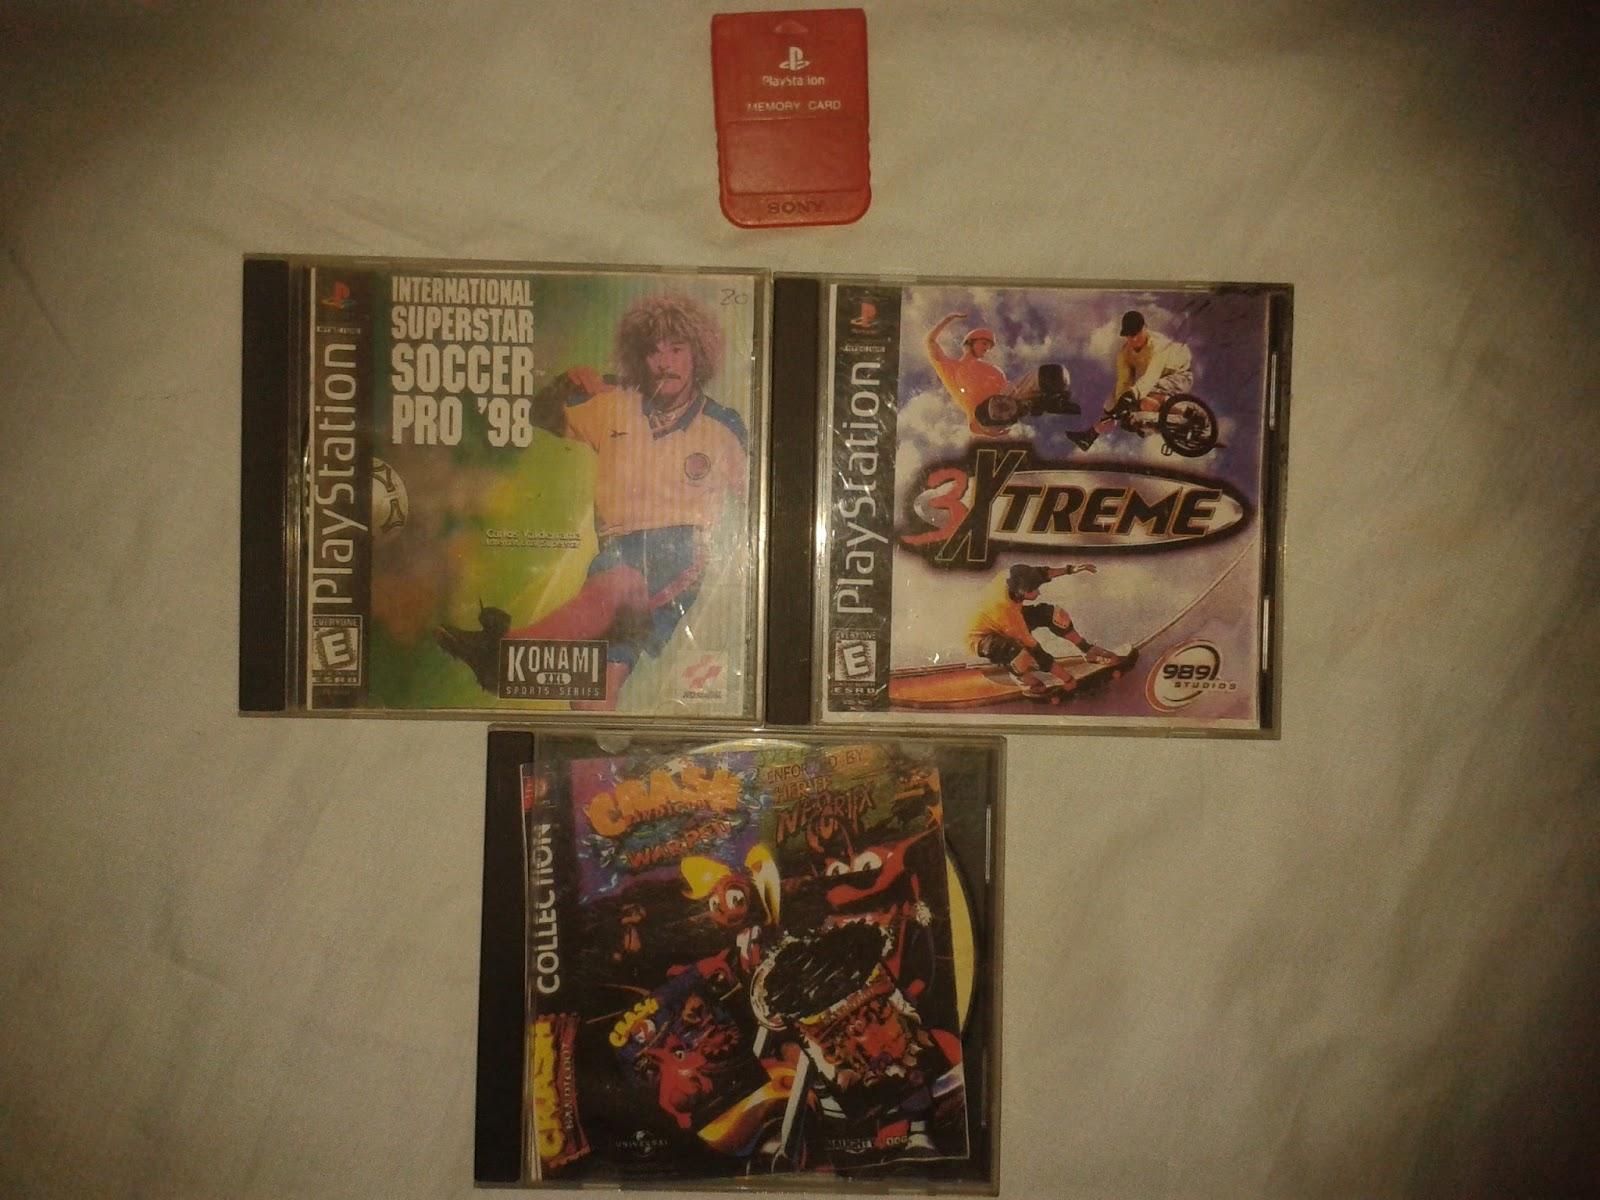 mis-primeros-juegos-ps1-psx